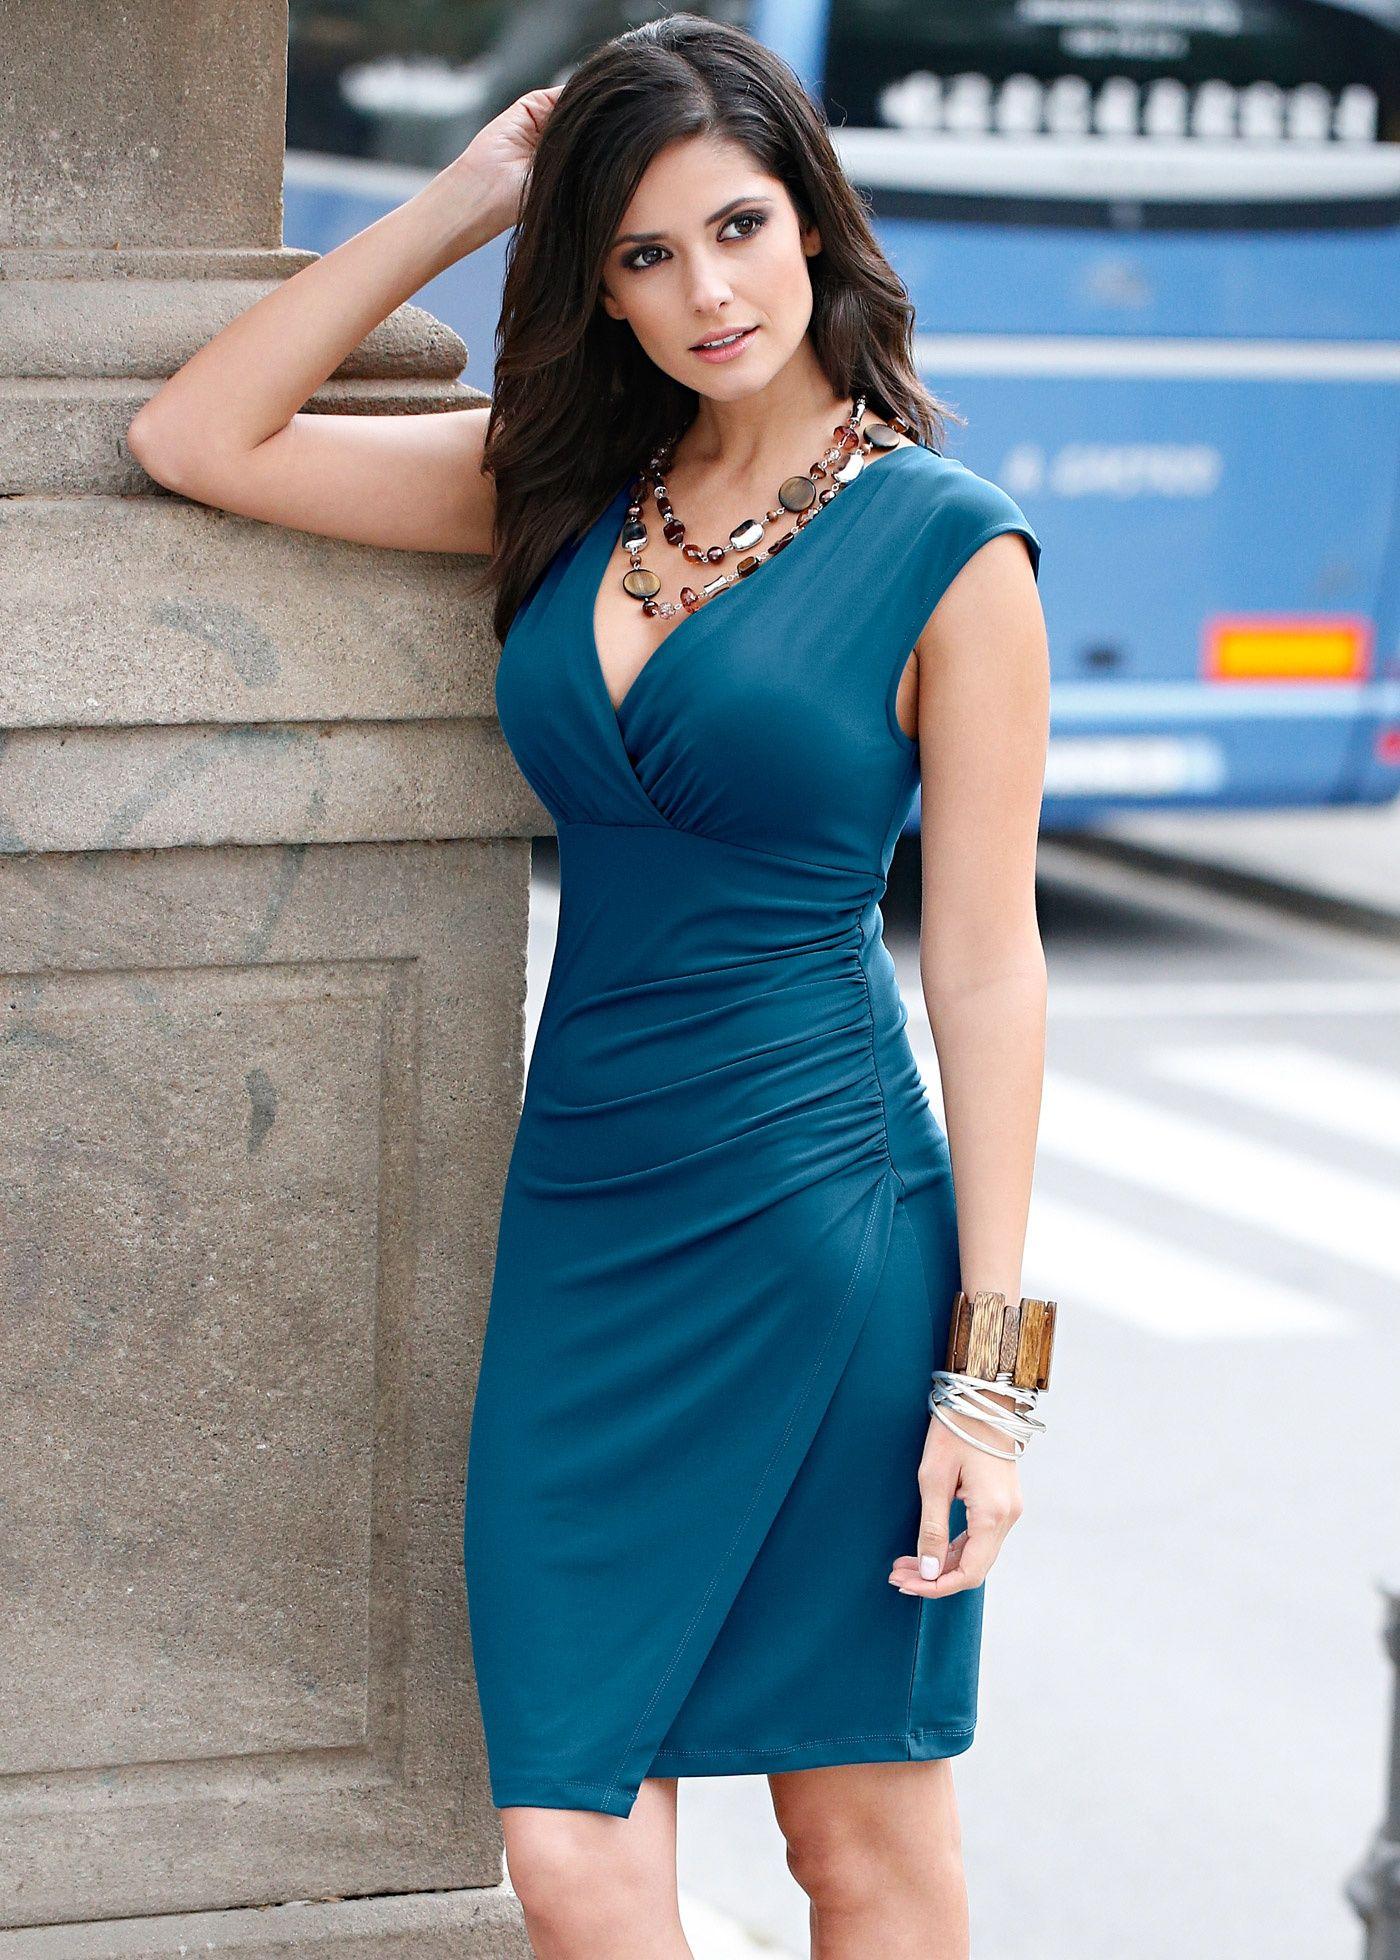 Classy woman maxi dress